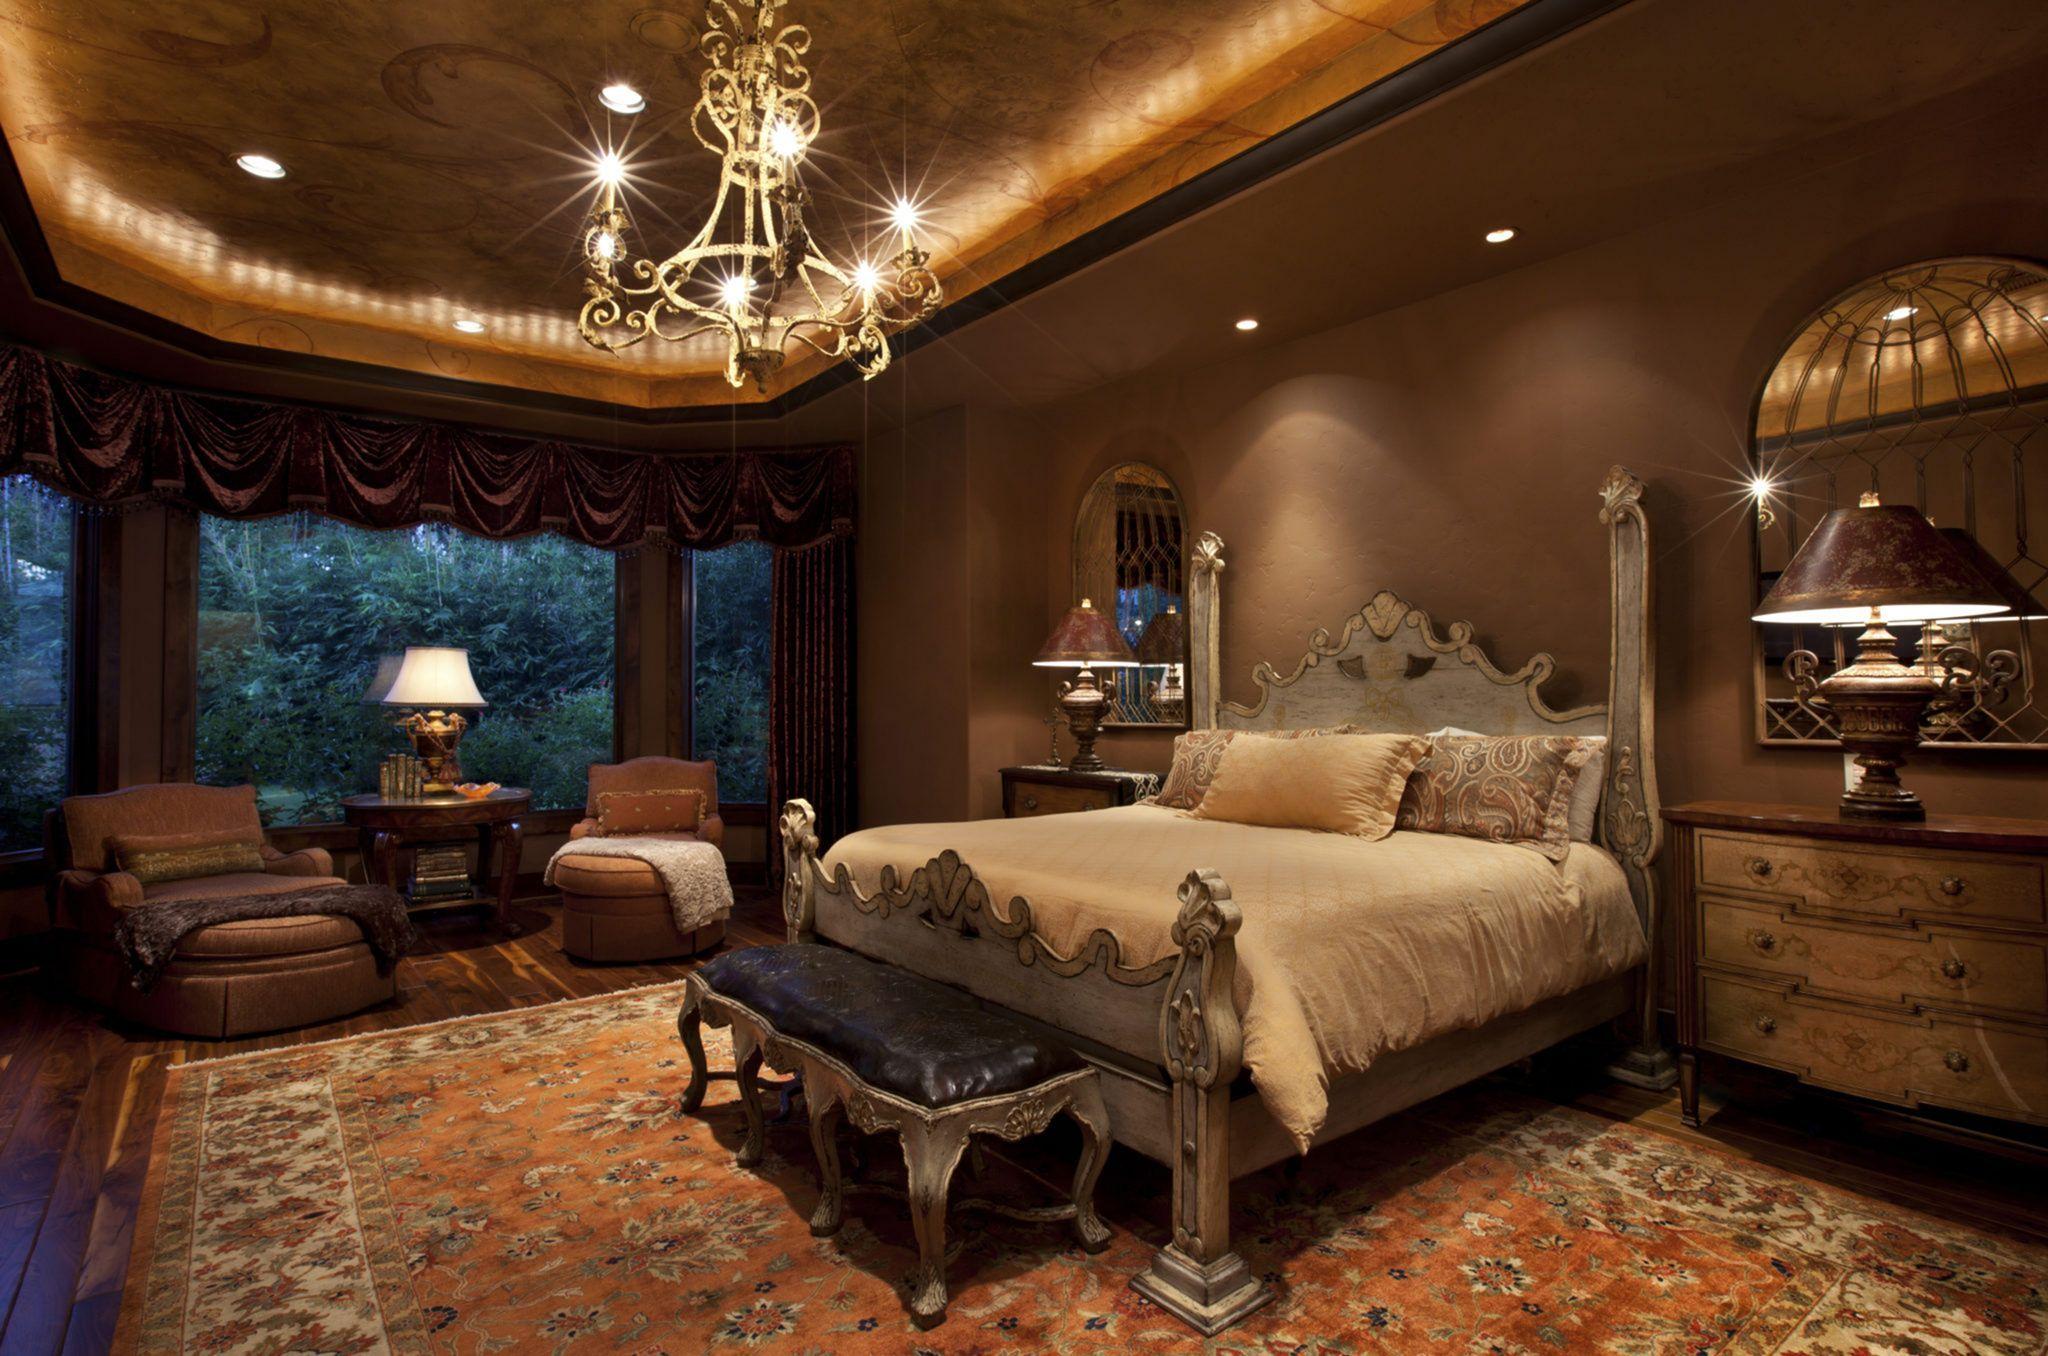 20+ lovely romantic bedroom design ideas for feeling amazing